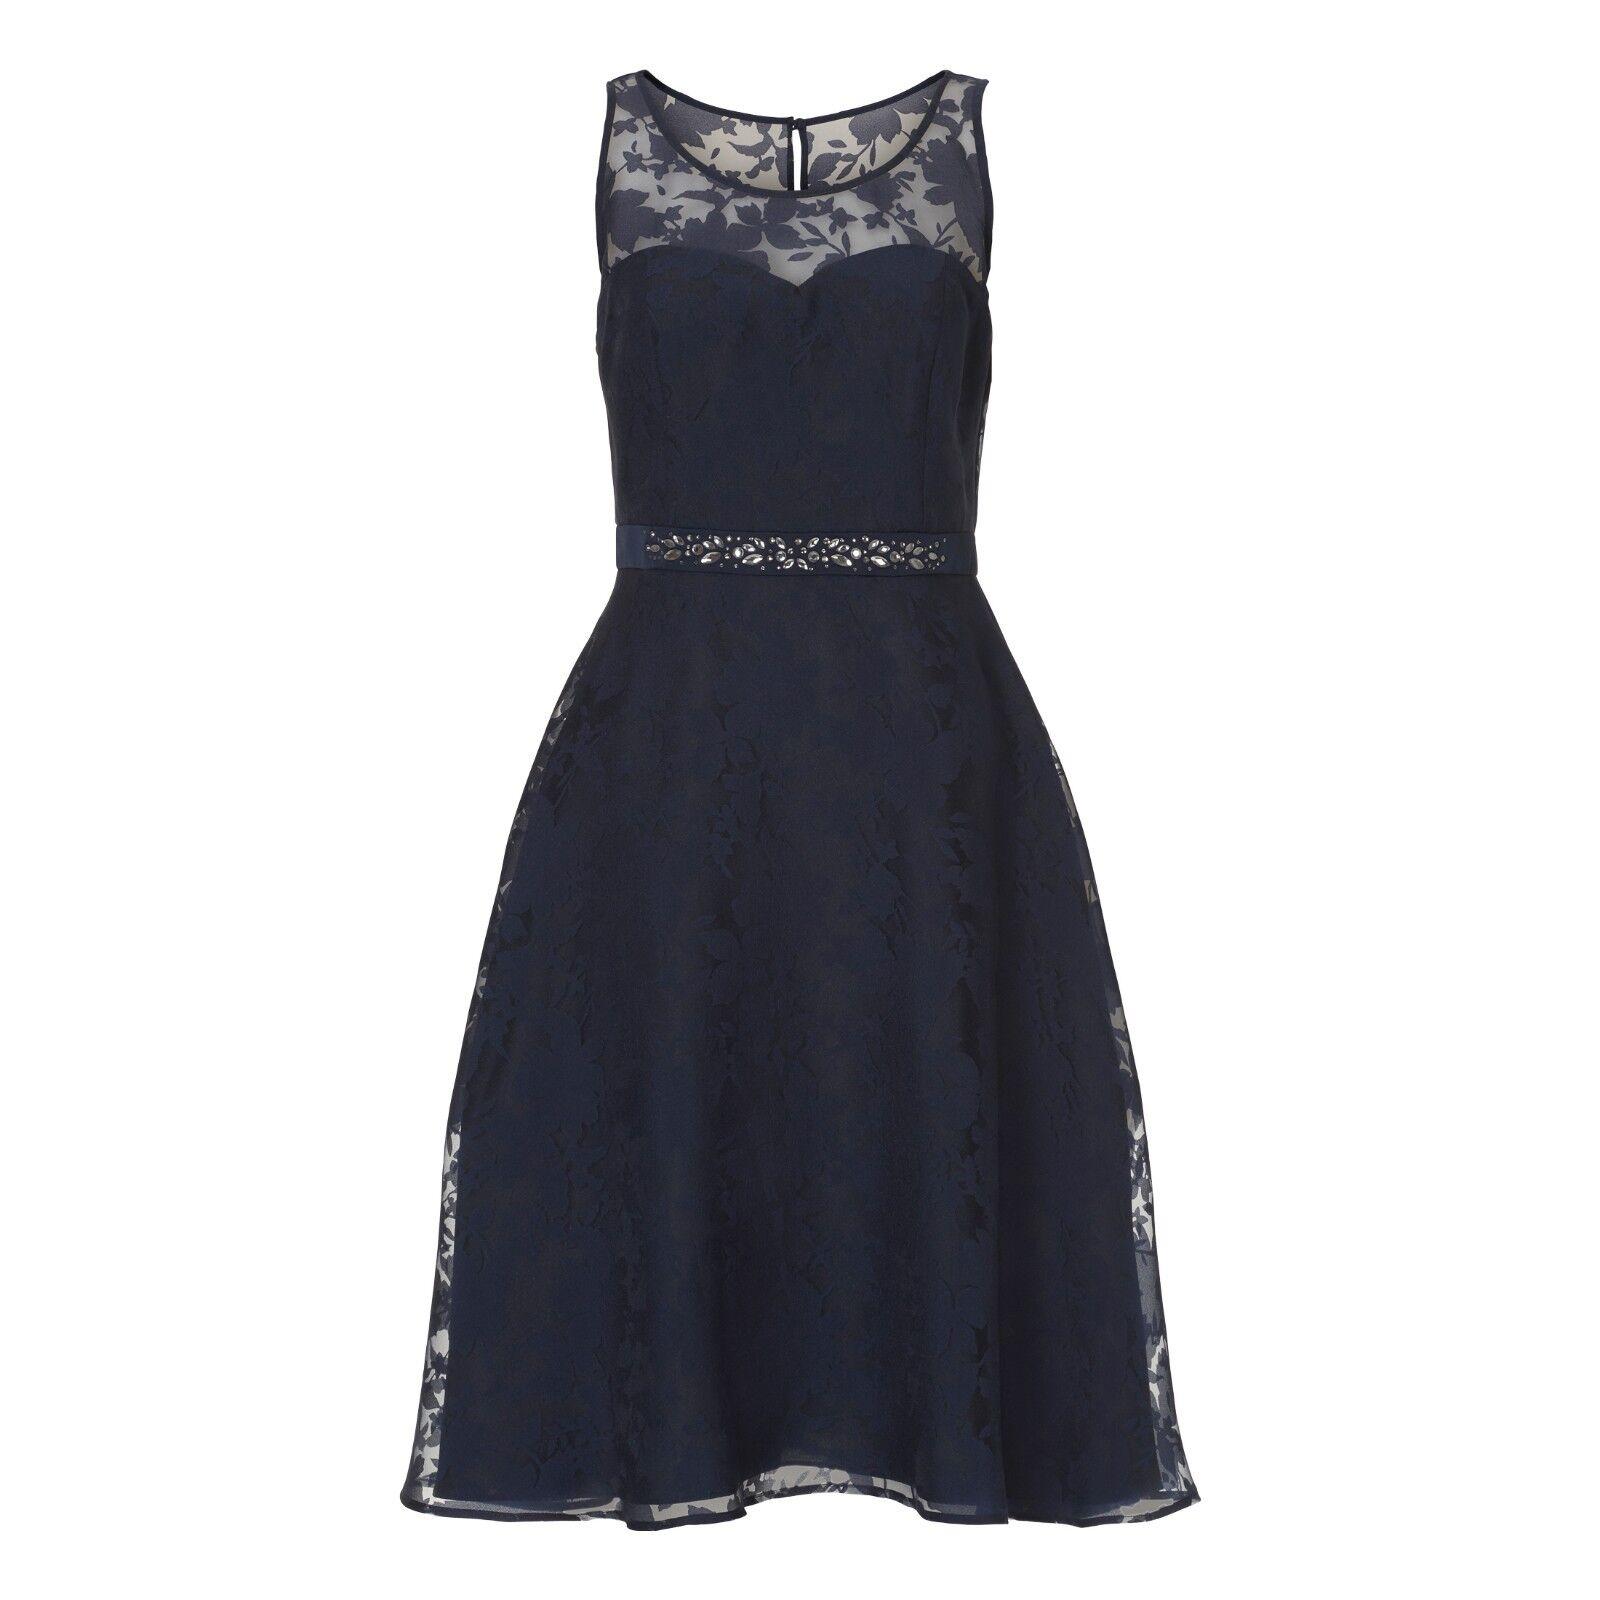 Vera Mont Abendkleid kurz BLAU 22363756 Cocktailkleid Hochzeit Festkleid